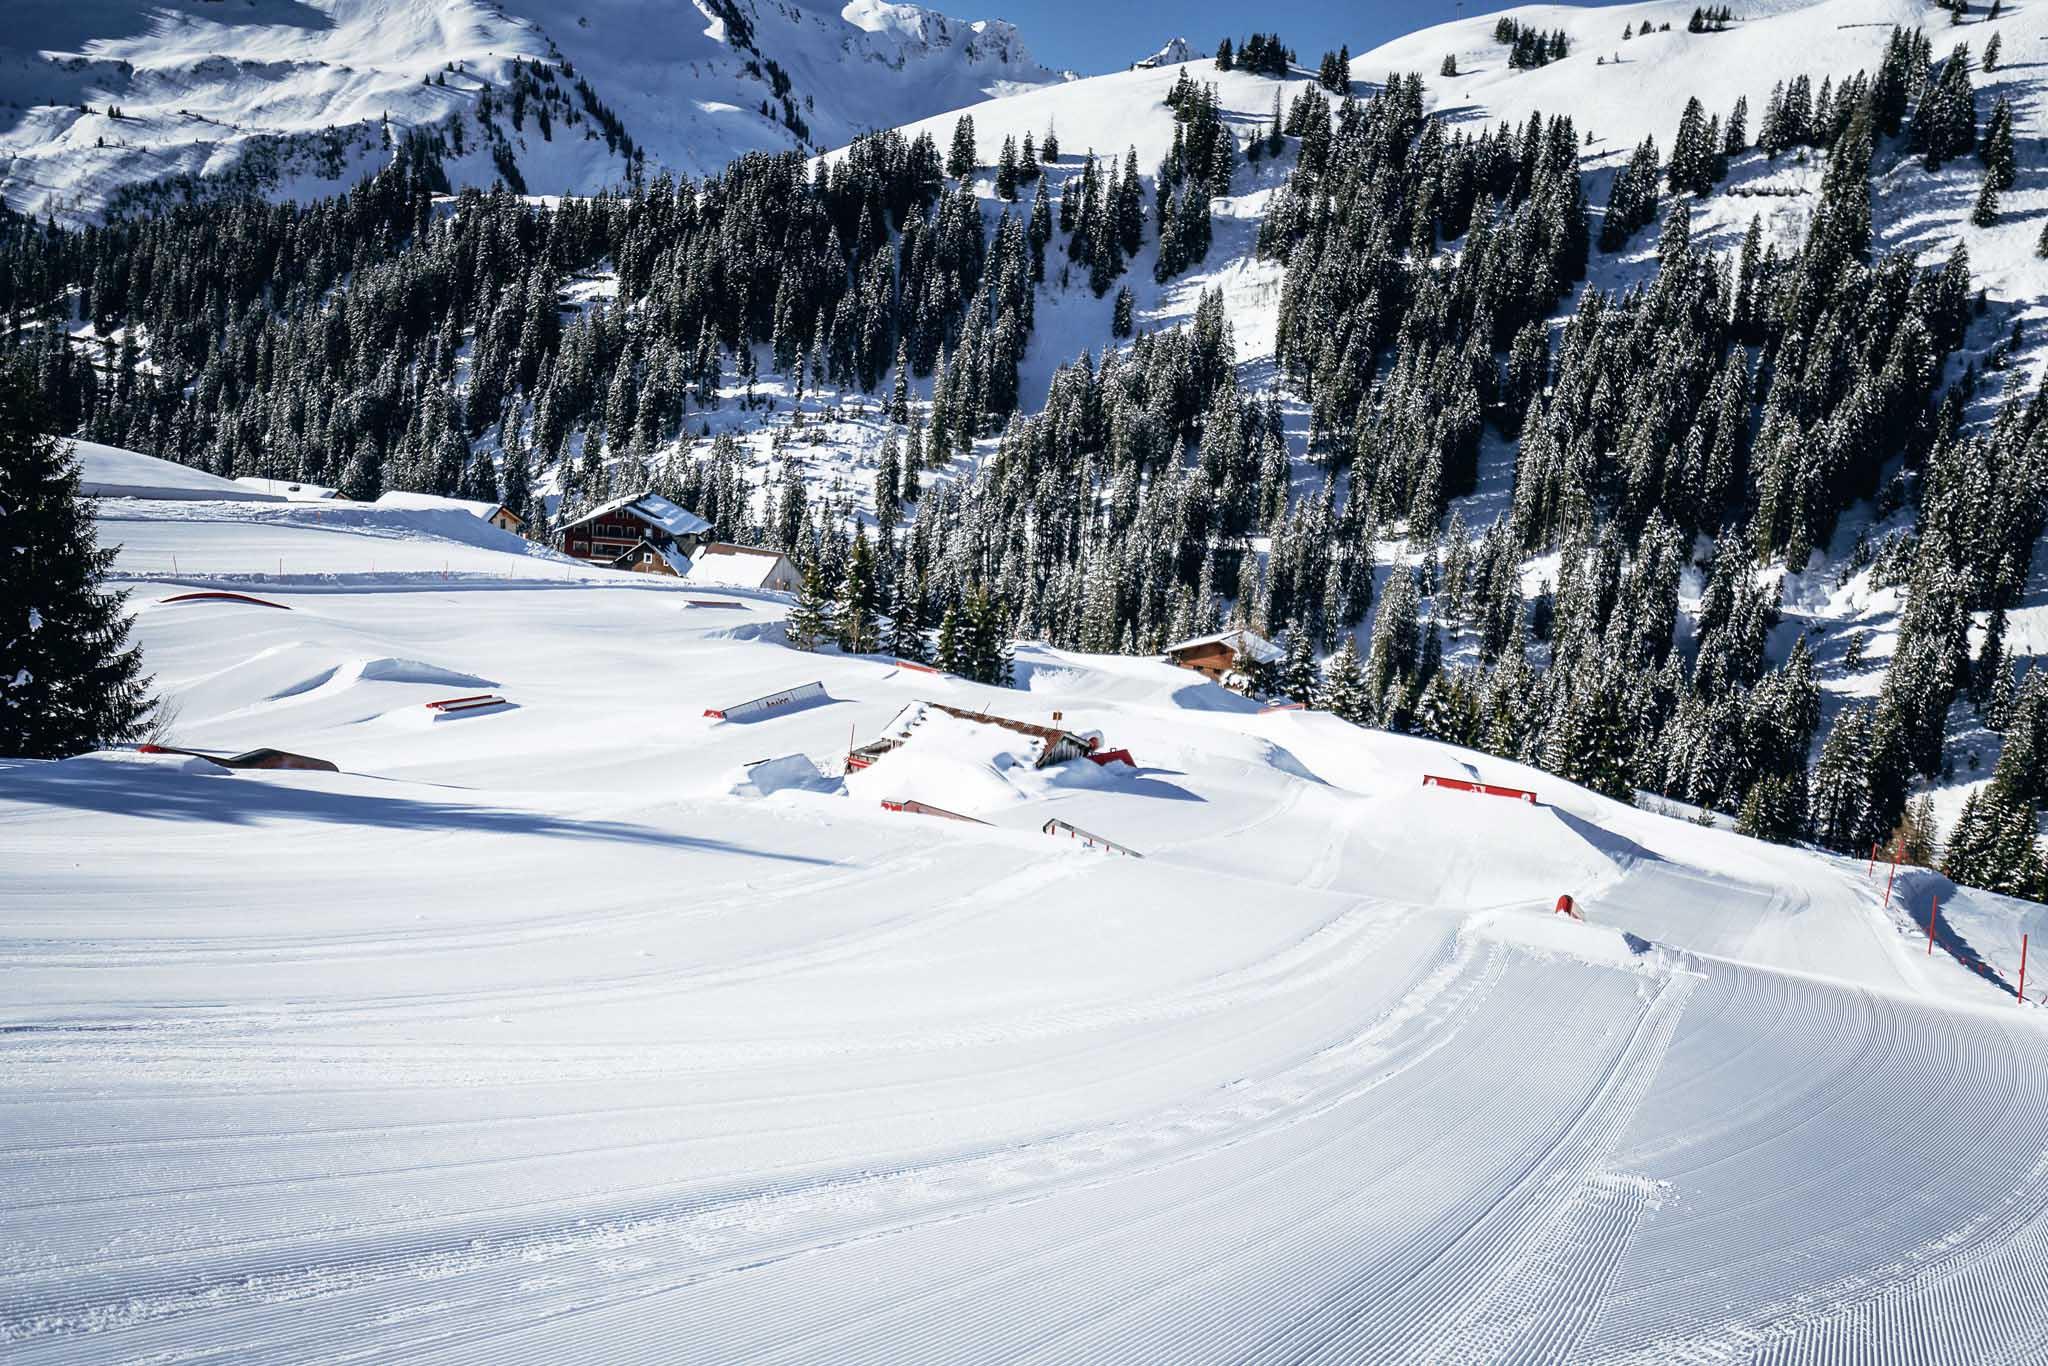 Der Snowpark in Damüls bietet verschiedene Areale mit einer großen Auswahl an Obstacles.